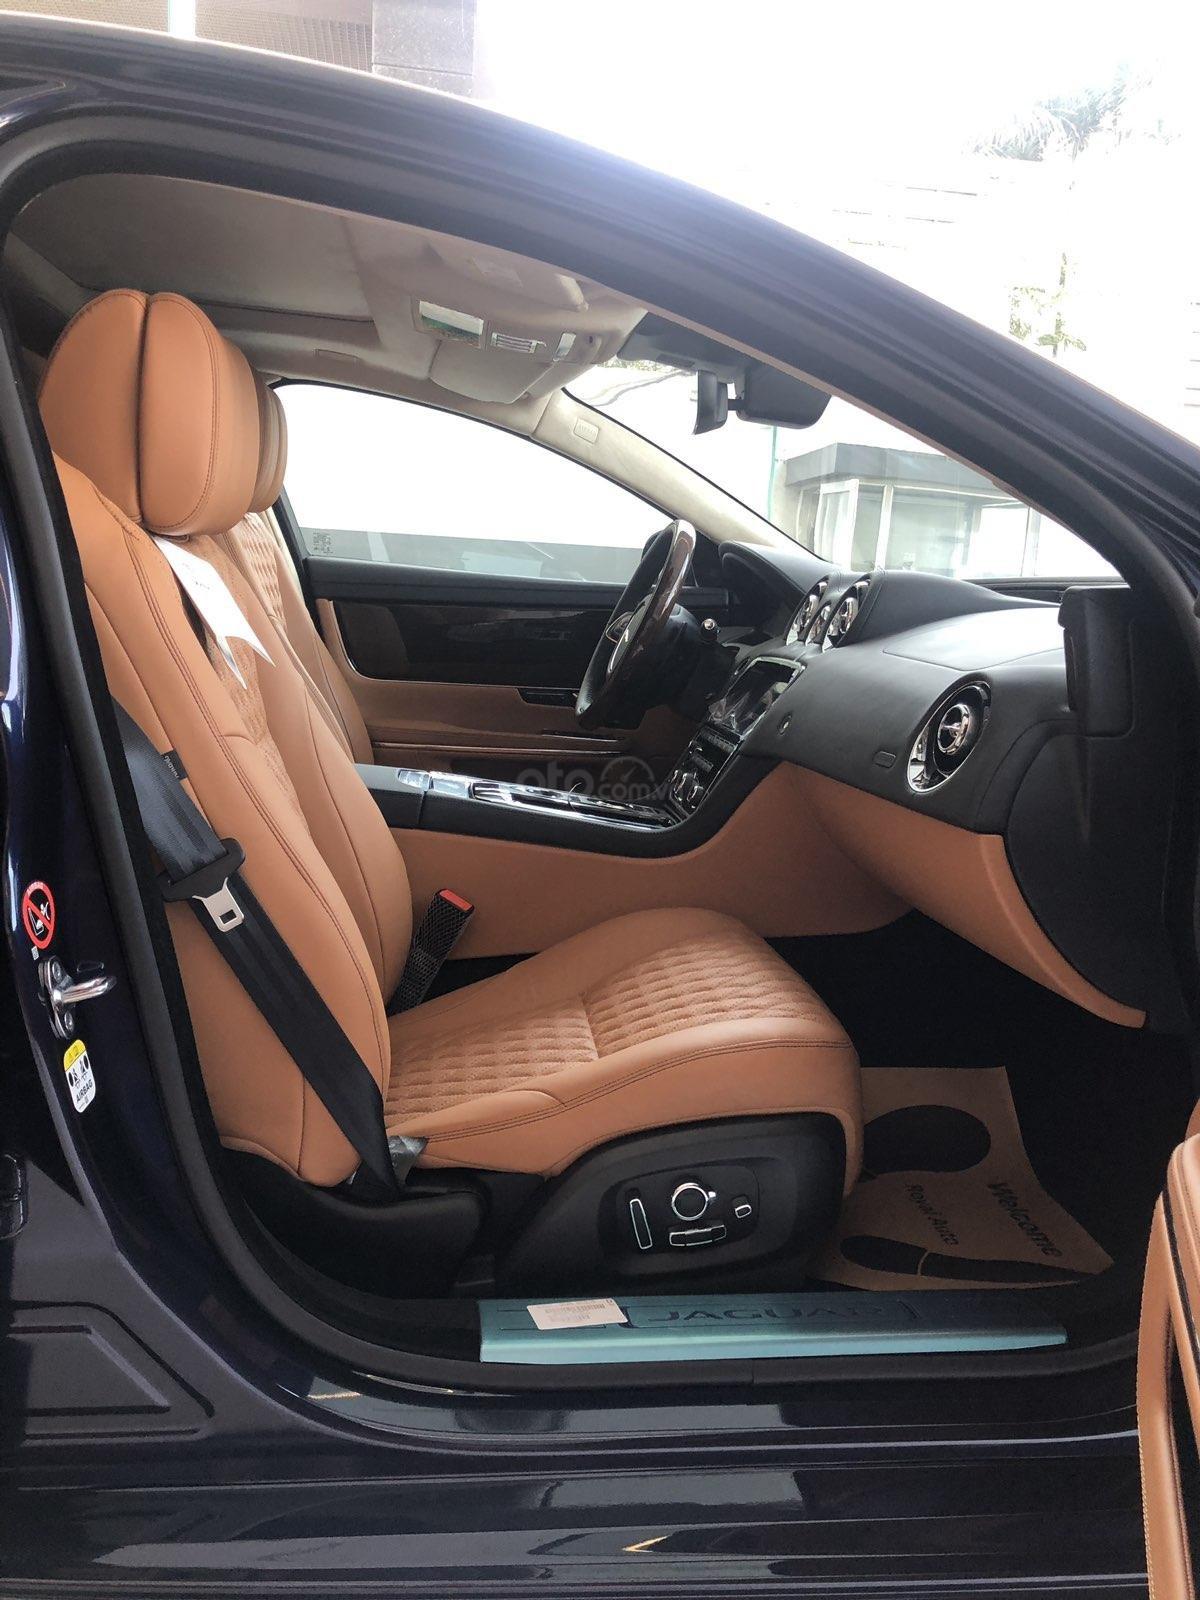 Bán Jaguar XJ L 3.0 Portfolio đời 2019, màu đen, trắng, xanh nhập khẩu giao ngay giá tốt (10)